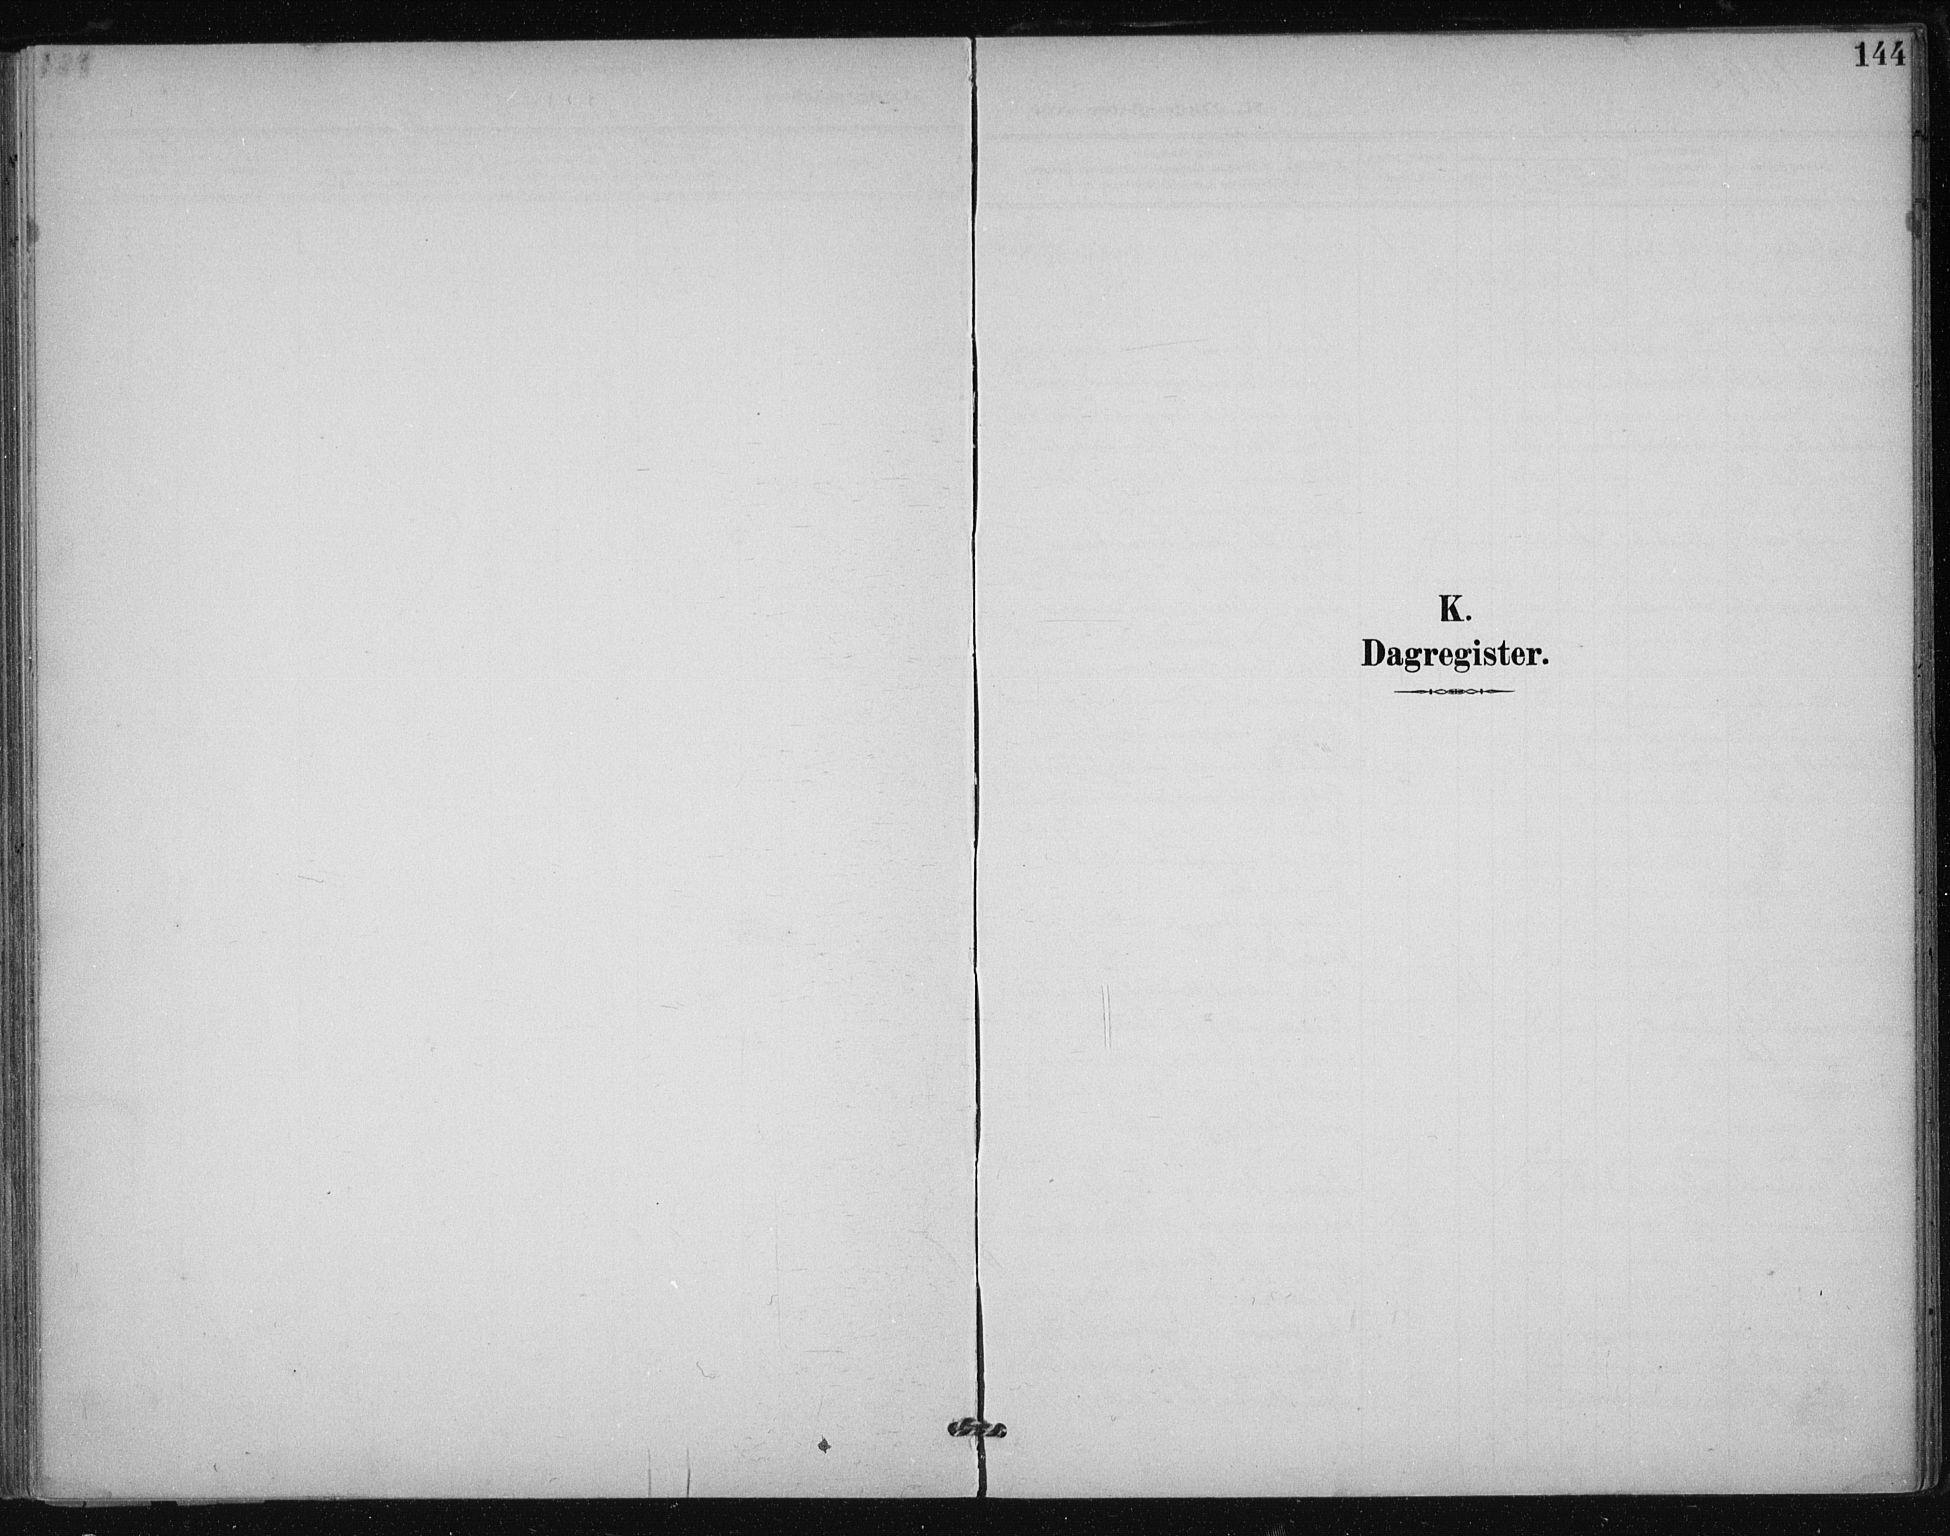 SAT, Ministerialprotokoller, klokkerbøker og fødselsregistre - Sør-Trøndelag, 612/L0380: Ministerialbok nr. 612A12, 1898-1907, s. 144